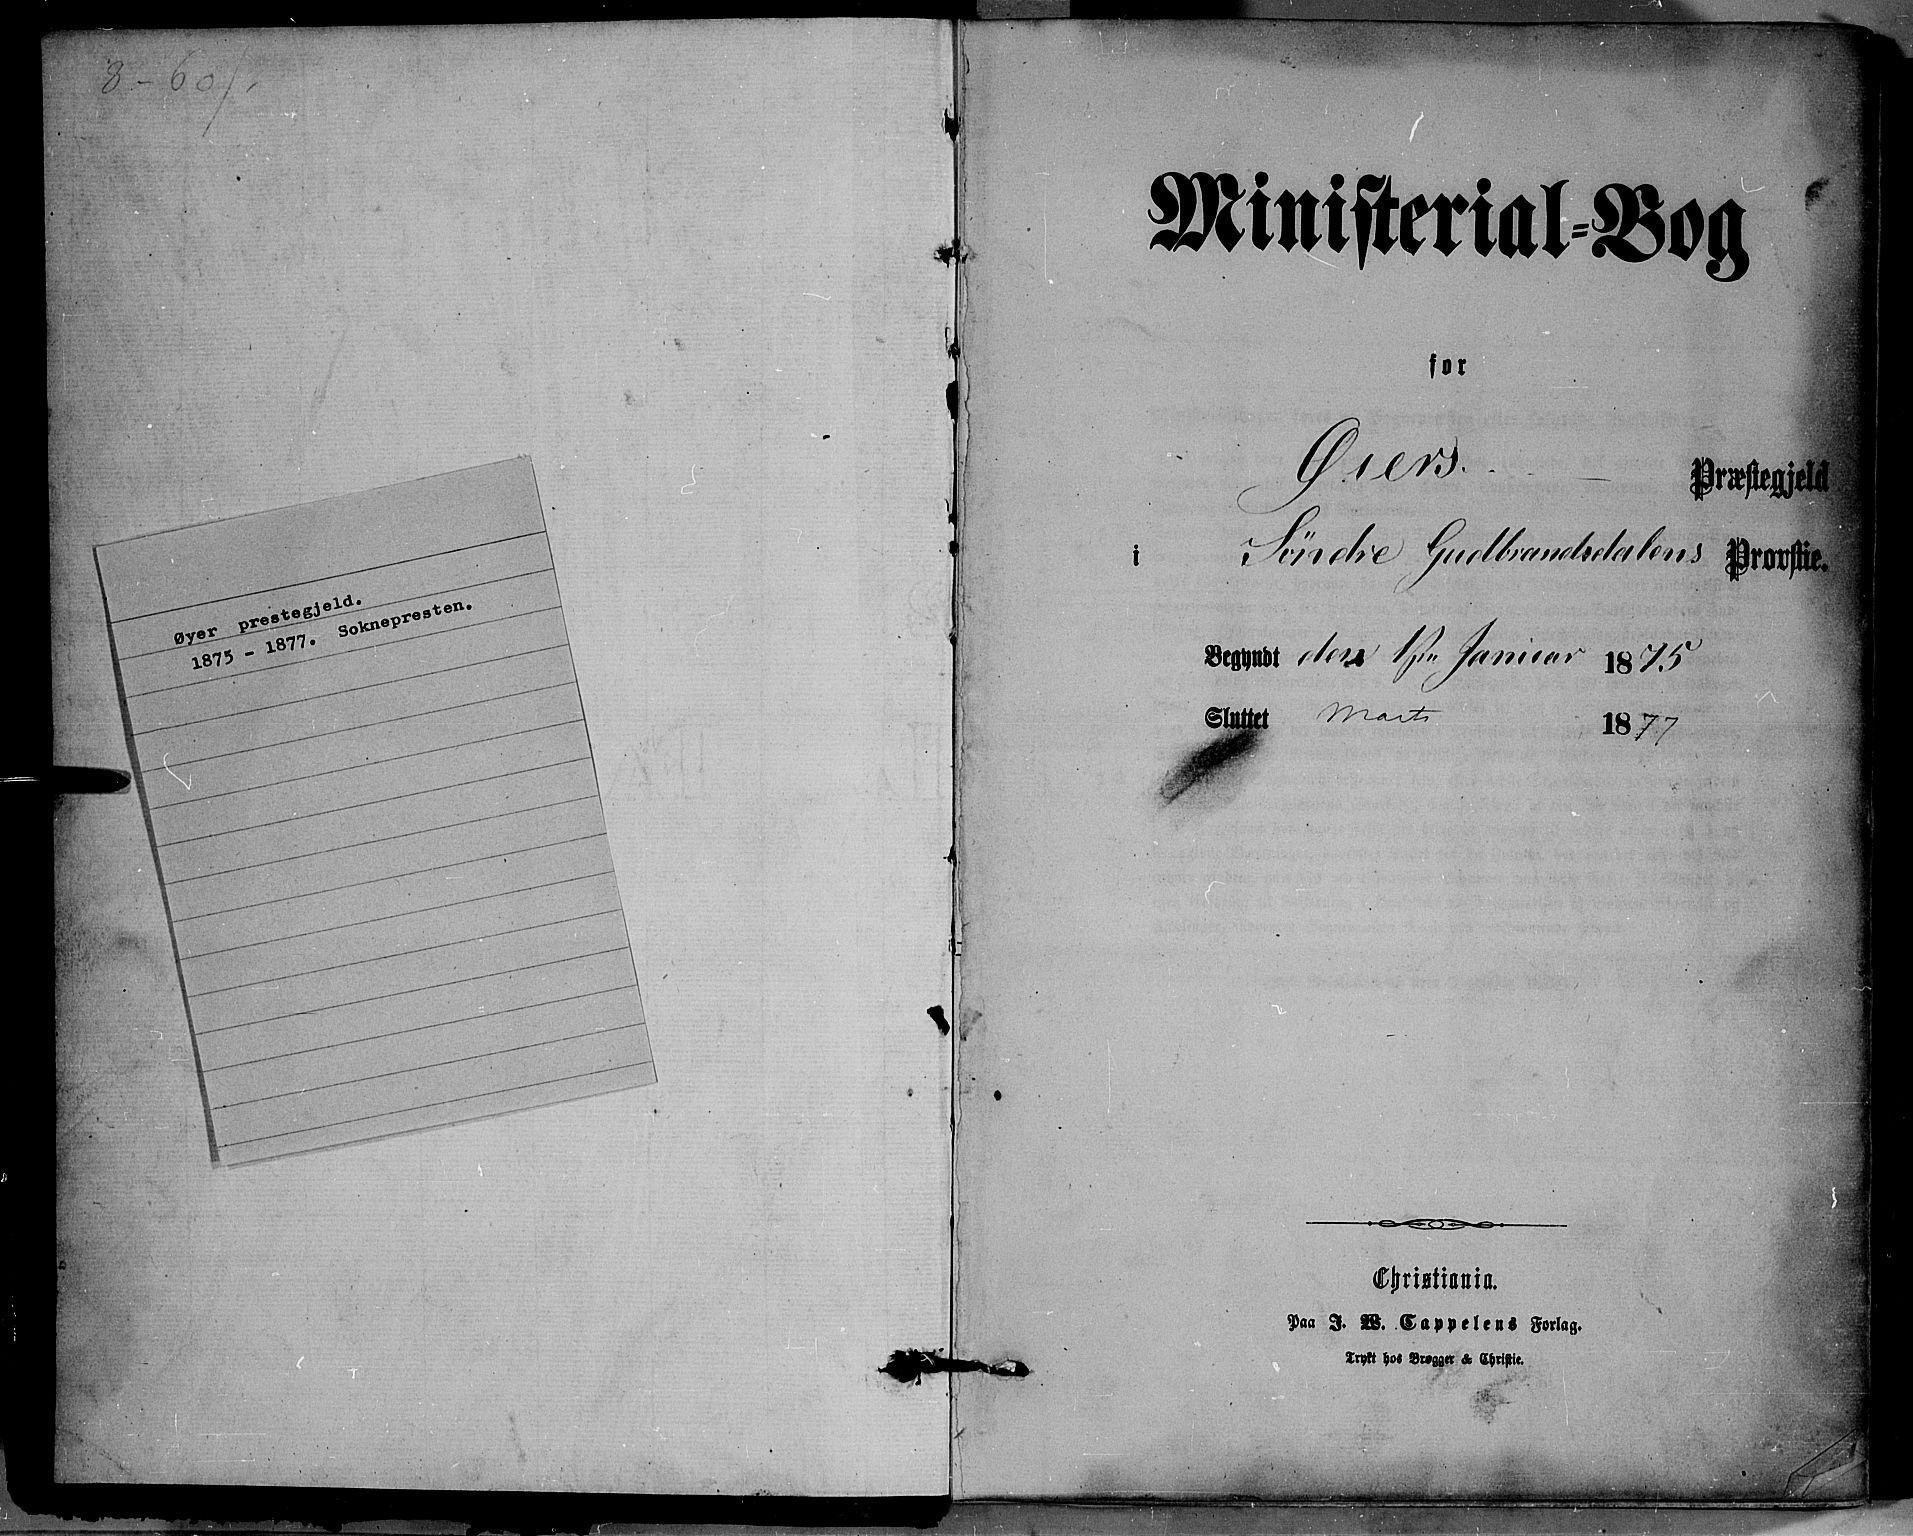 SAH, Øyer prestekontor, Ministerialbok nr. 7, 1875-1878